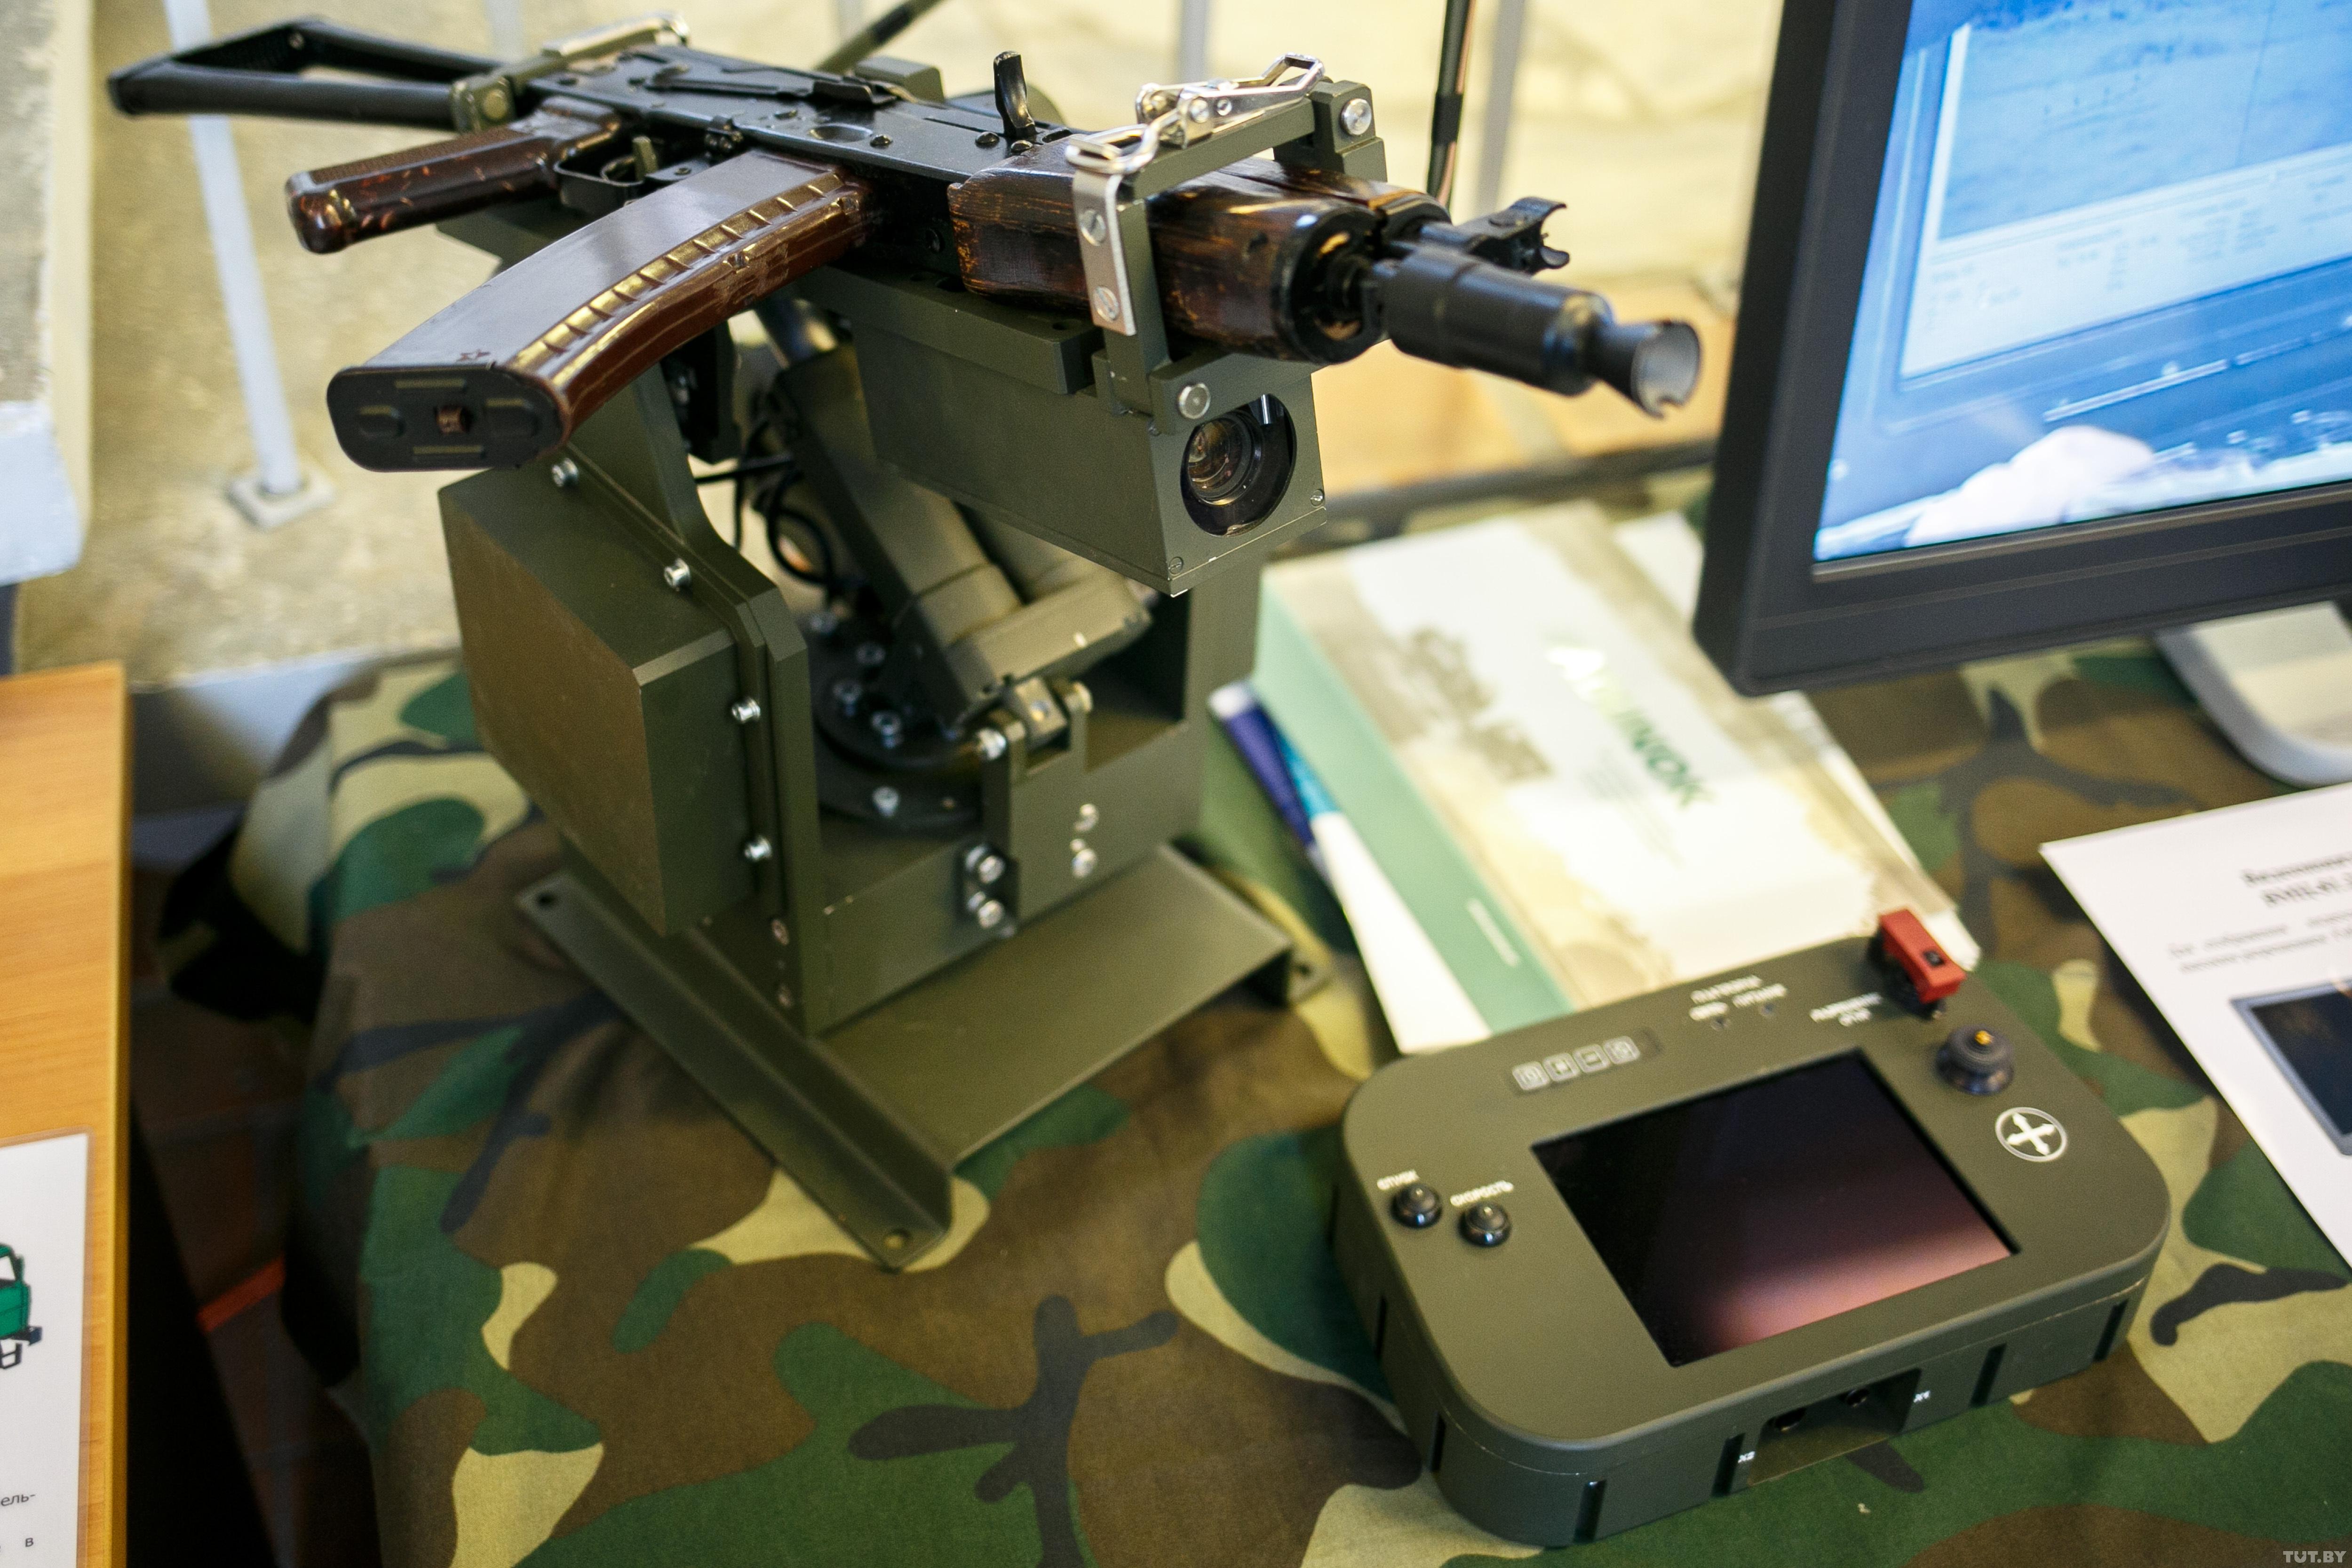 Роботизированная платформа, вооруженная автоматом АКС (АКМ) с калибром 5,45 мм, разработанная в белорусском КБ «Дисплей».